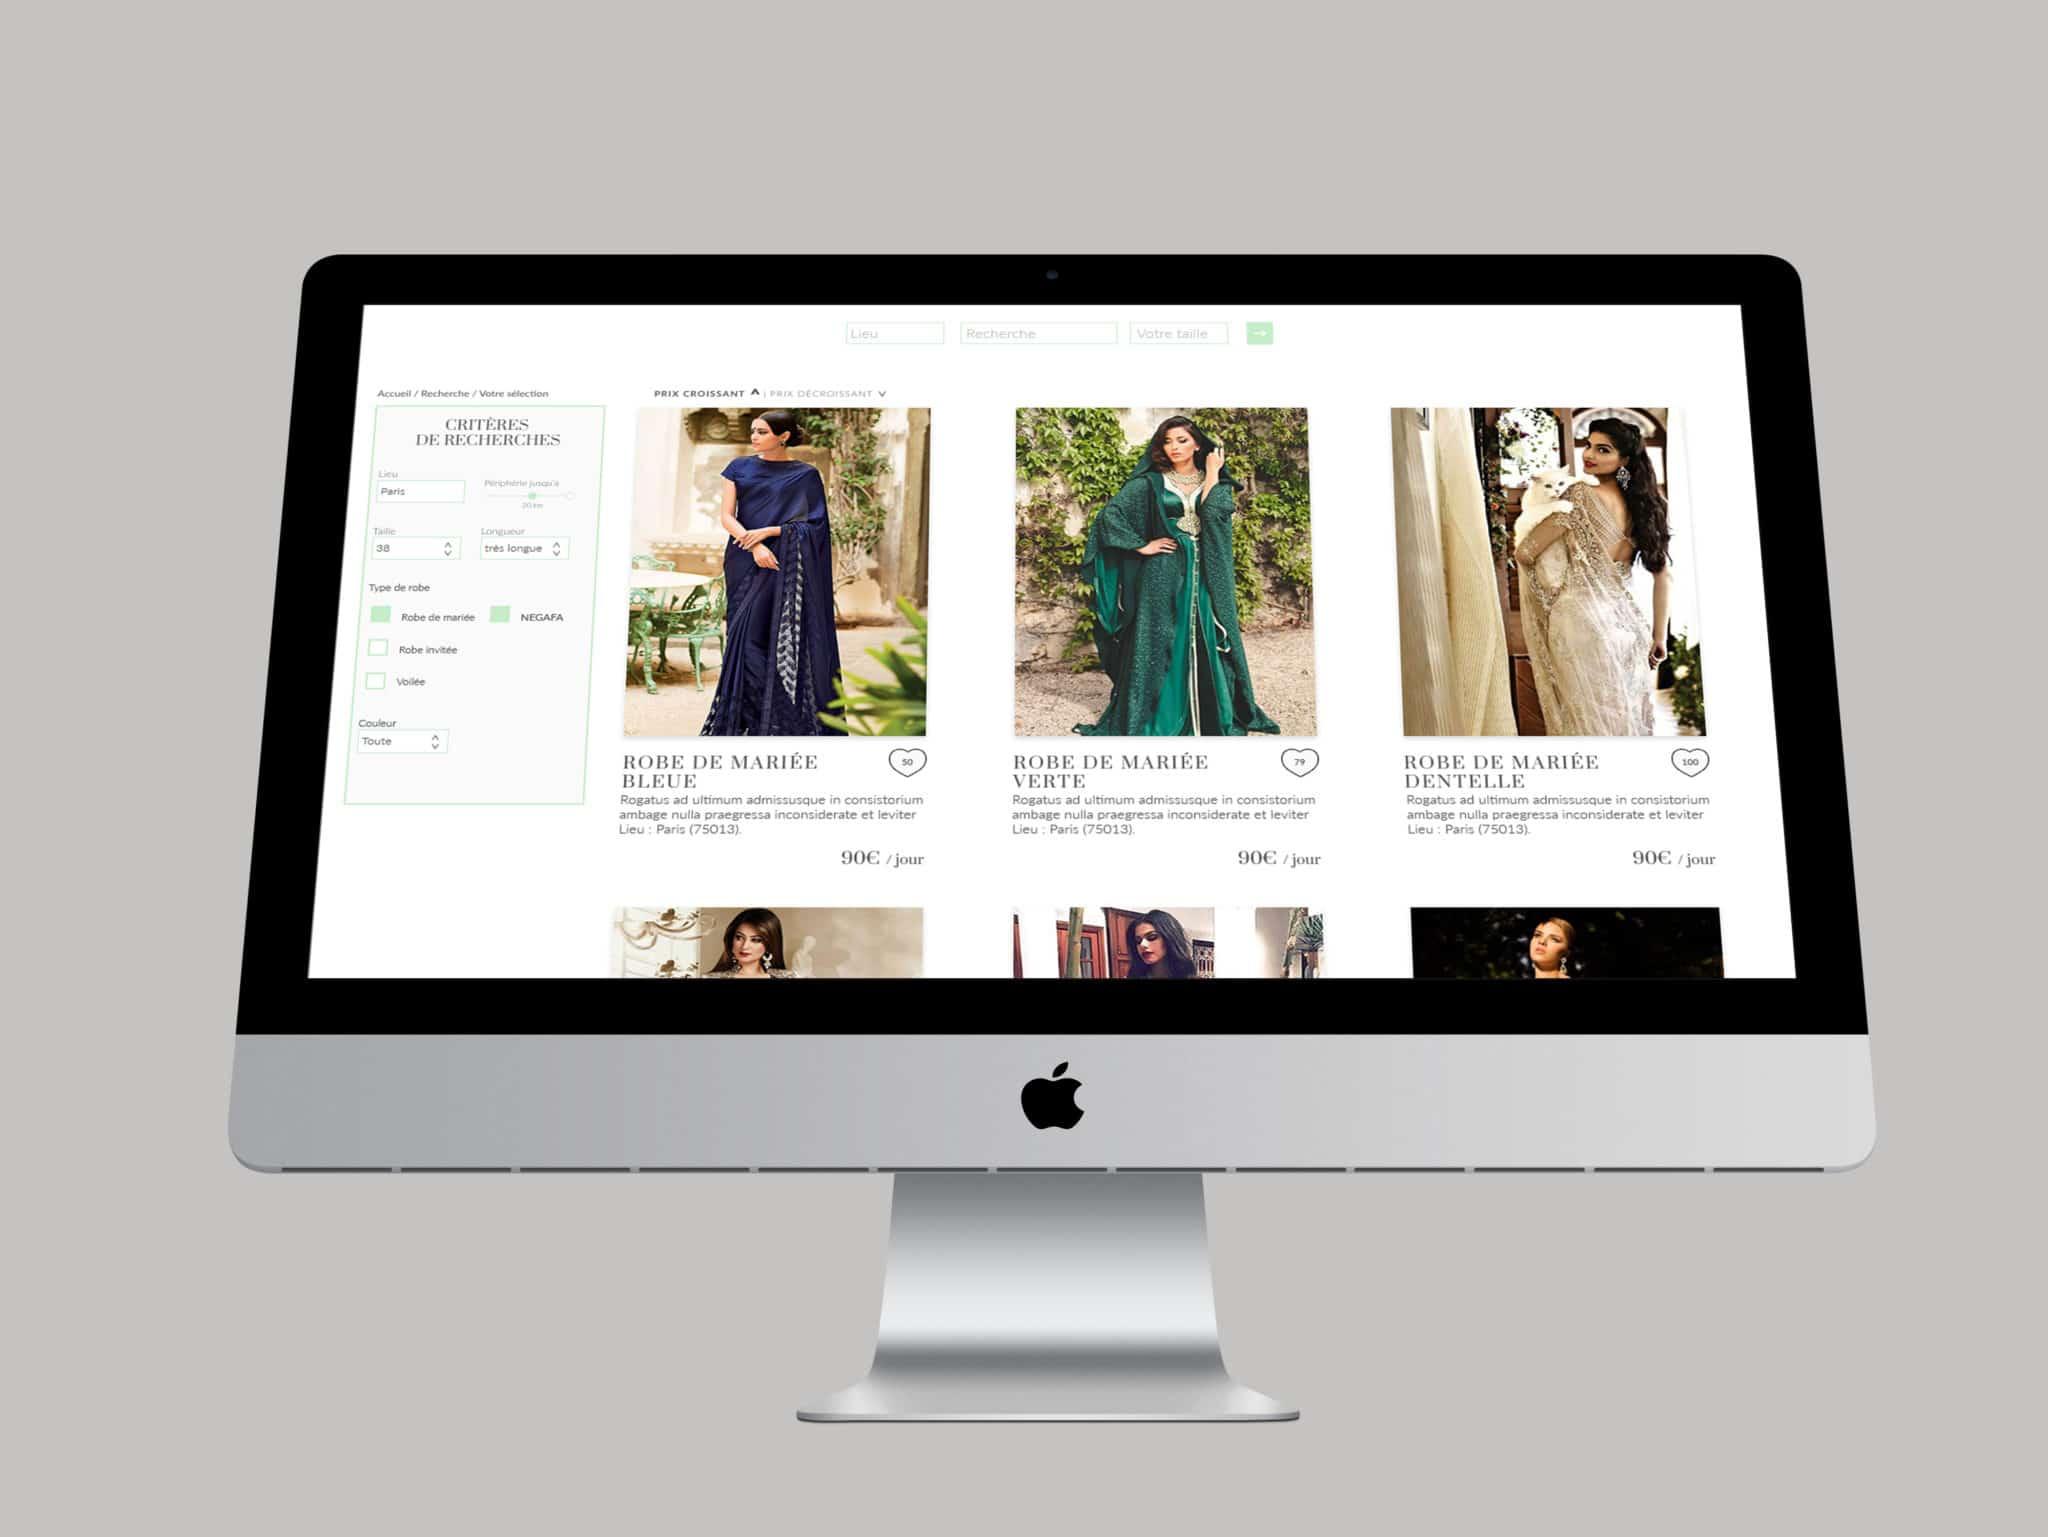 """image de mise en situation de la page """"recherche"""" du site web de KO-tli-KO, dans un écran d'ordinateur"""